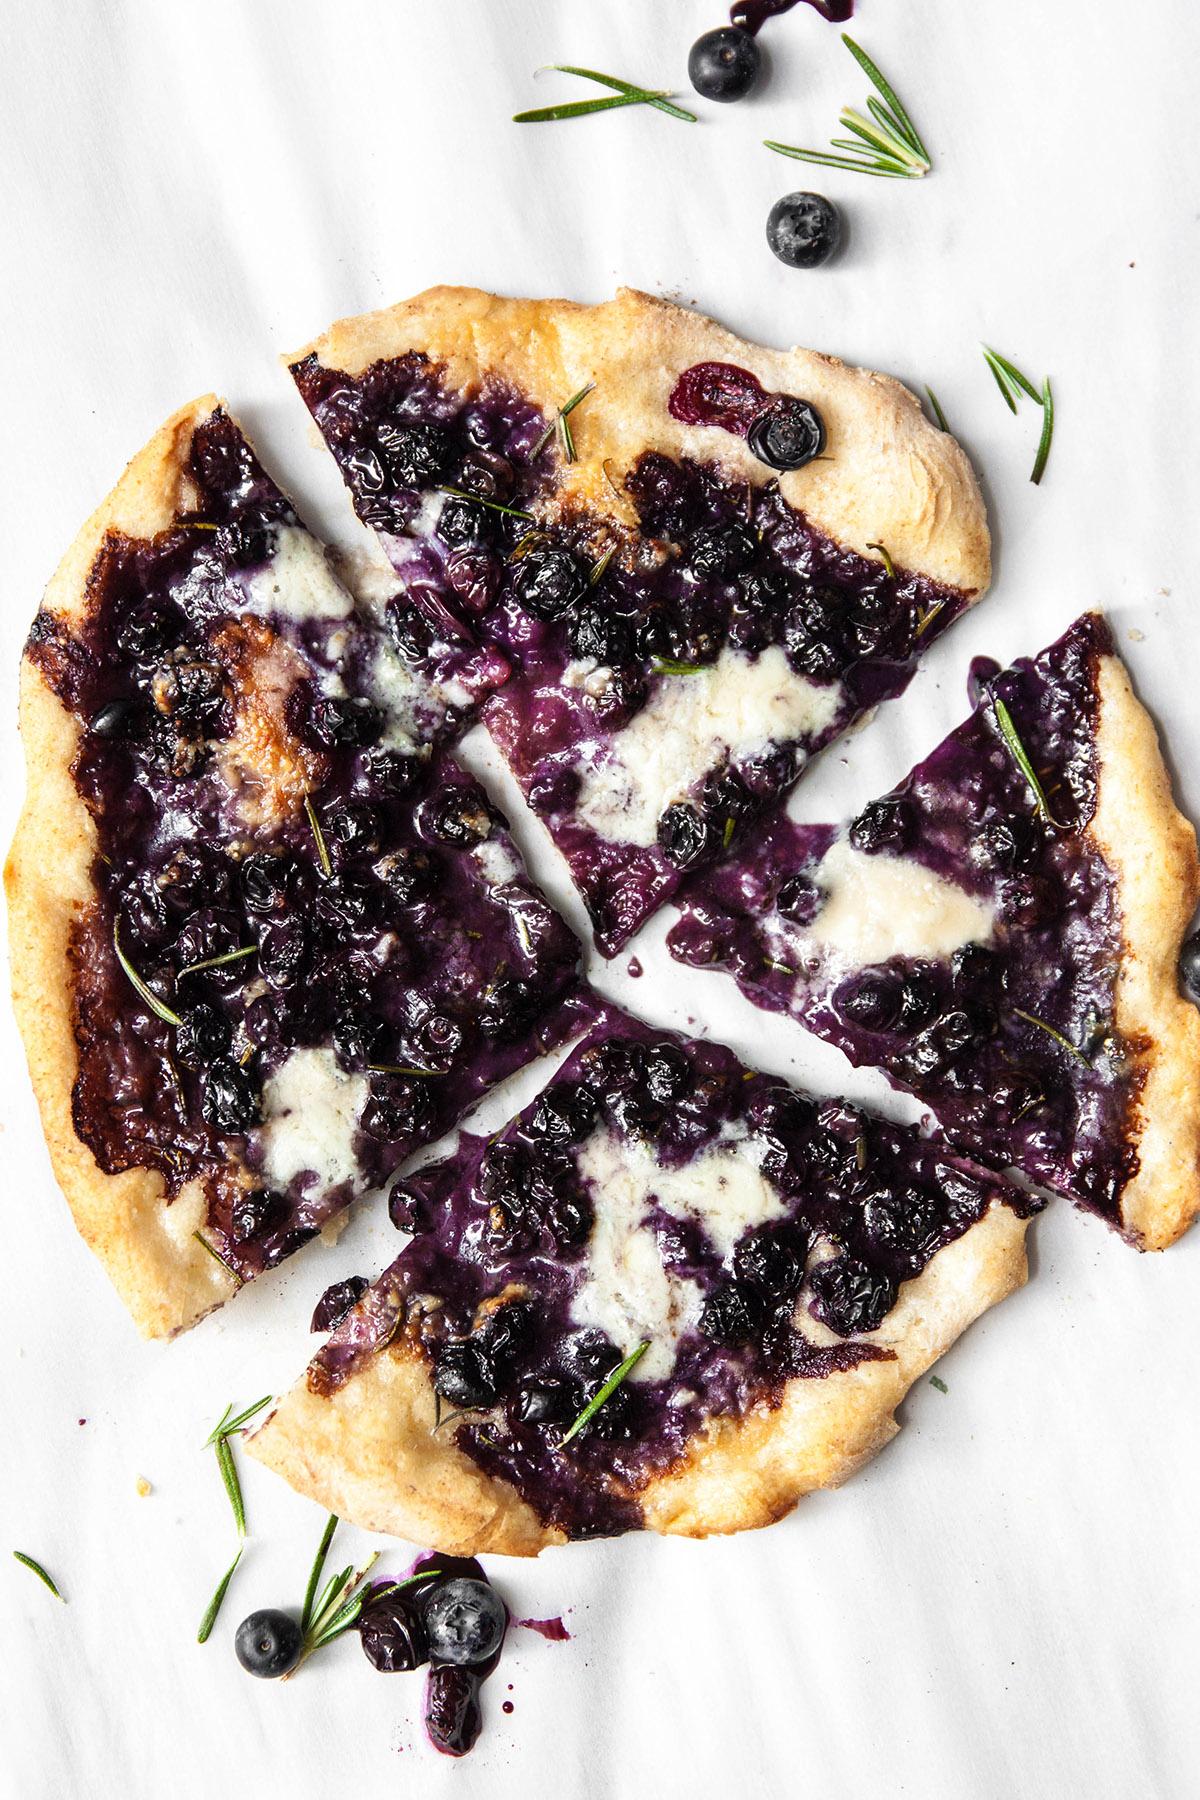 Blueberry, Gorgonzola and Rosemary Pizza